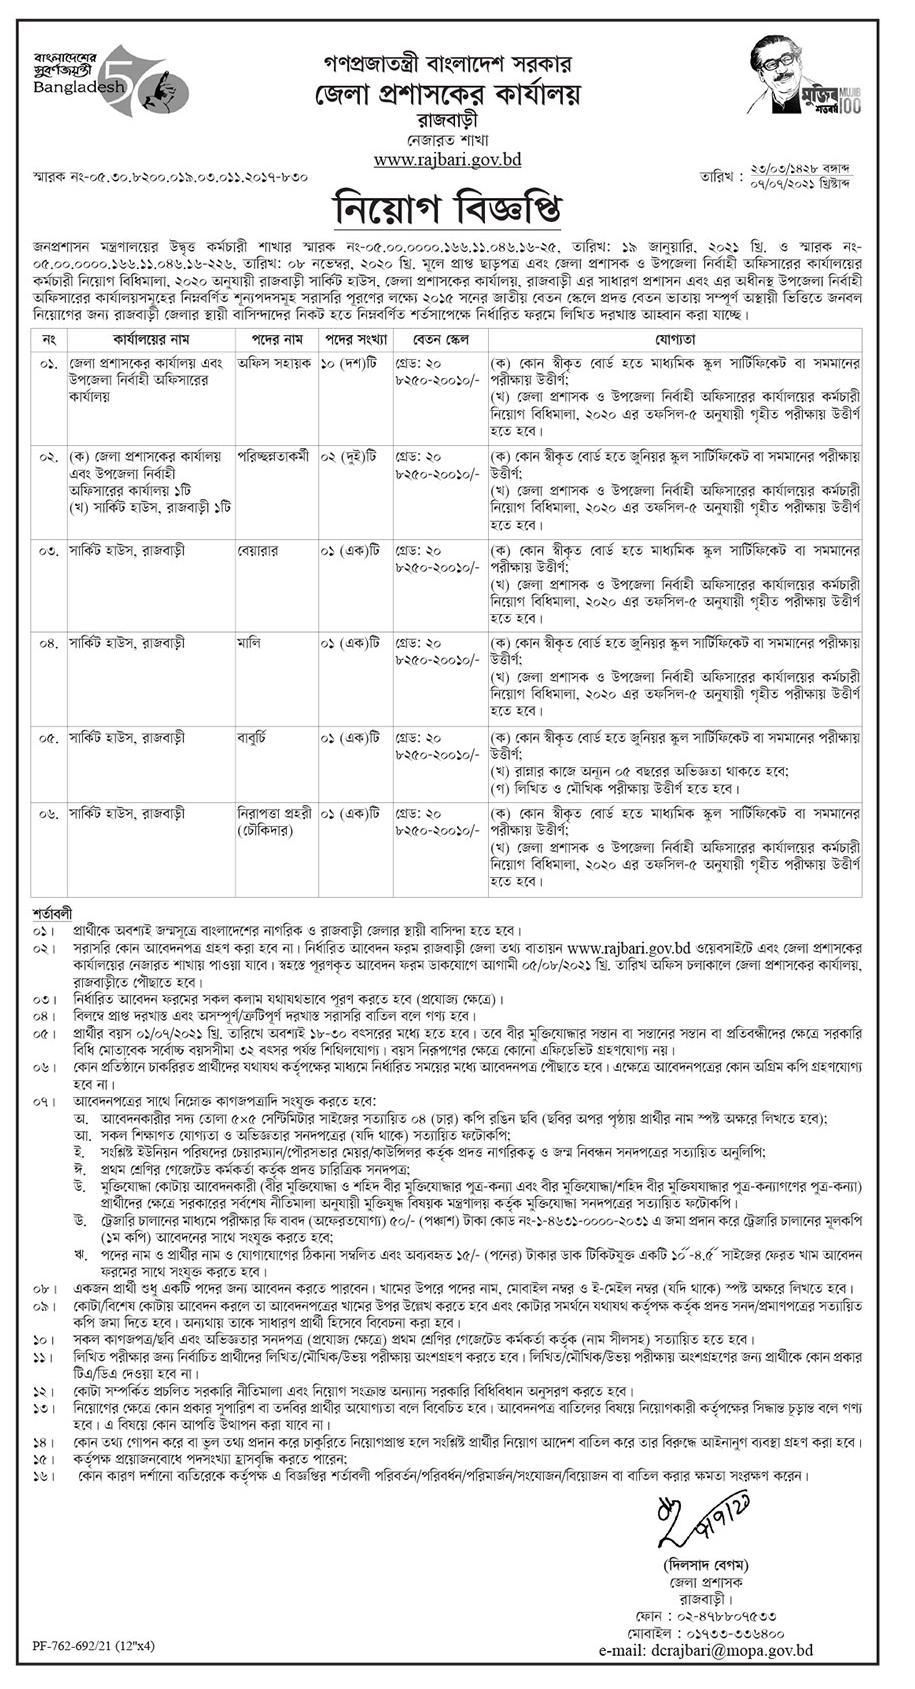 রাজবাড়ী জেলা প্রশাসক নিয়োগ বিজ্ঞপ্তি ২০২১ - District Commissioner Office Job Circular 2021 - জেলা প্রশাসকের কার্যালয়ে ডিসি অফিস নিয়োগ বিজ্ঞপ্তি ২০২১